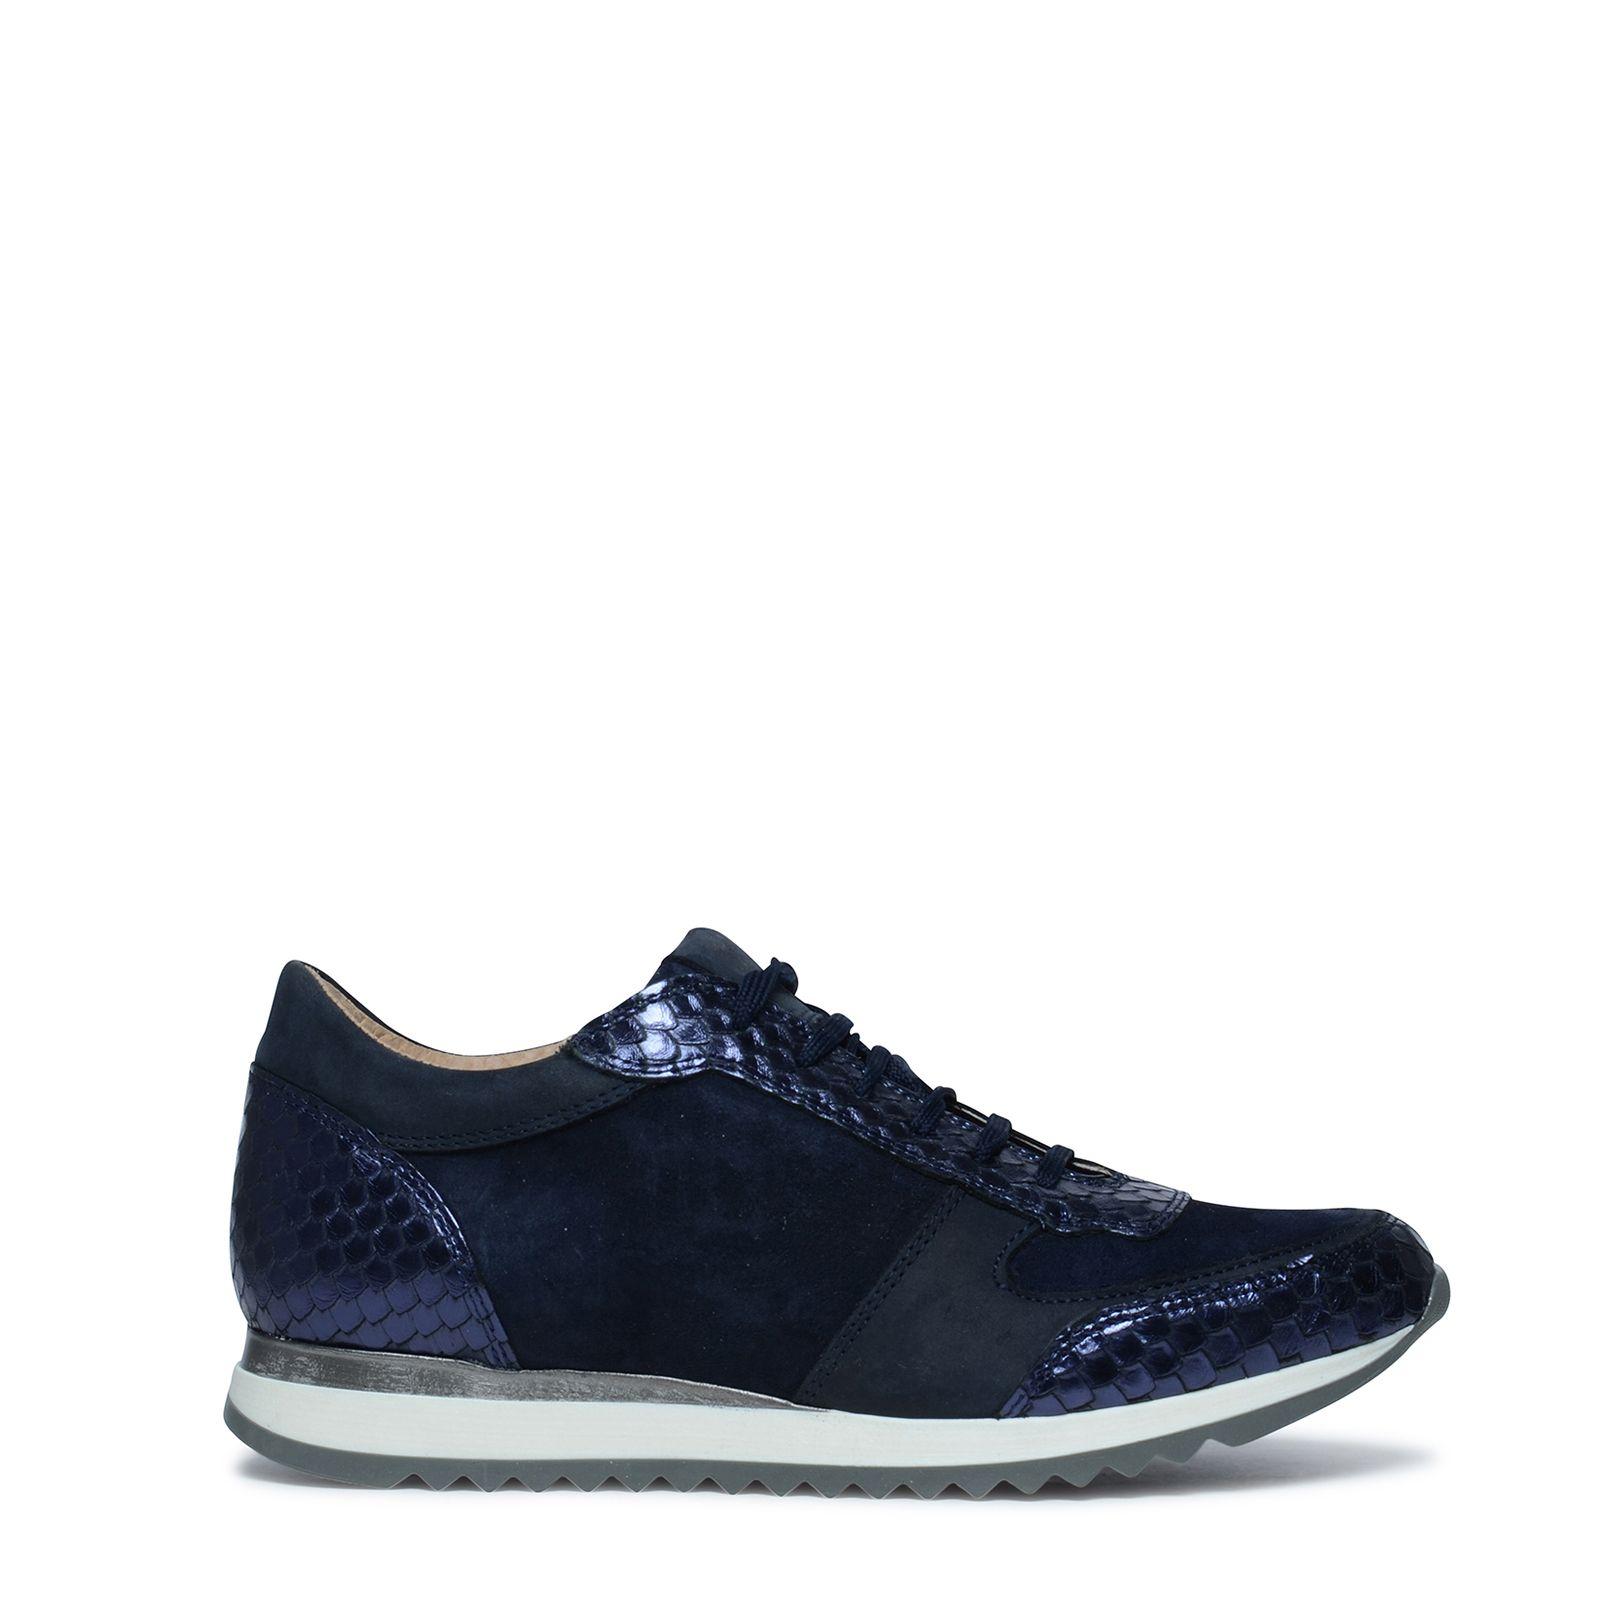 donkerblauwe sneakers dames